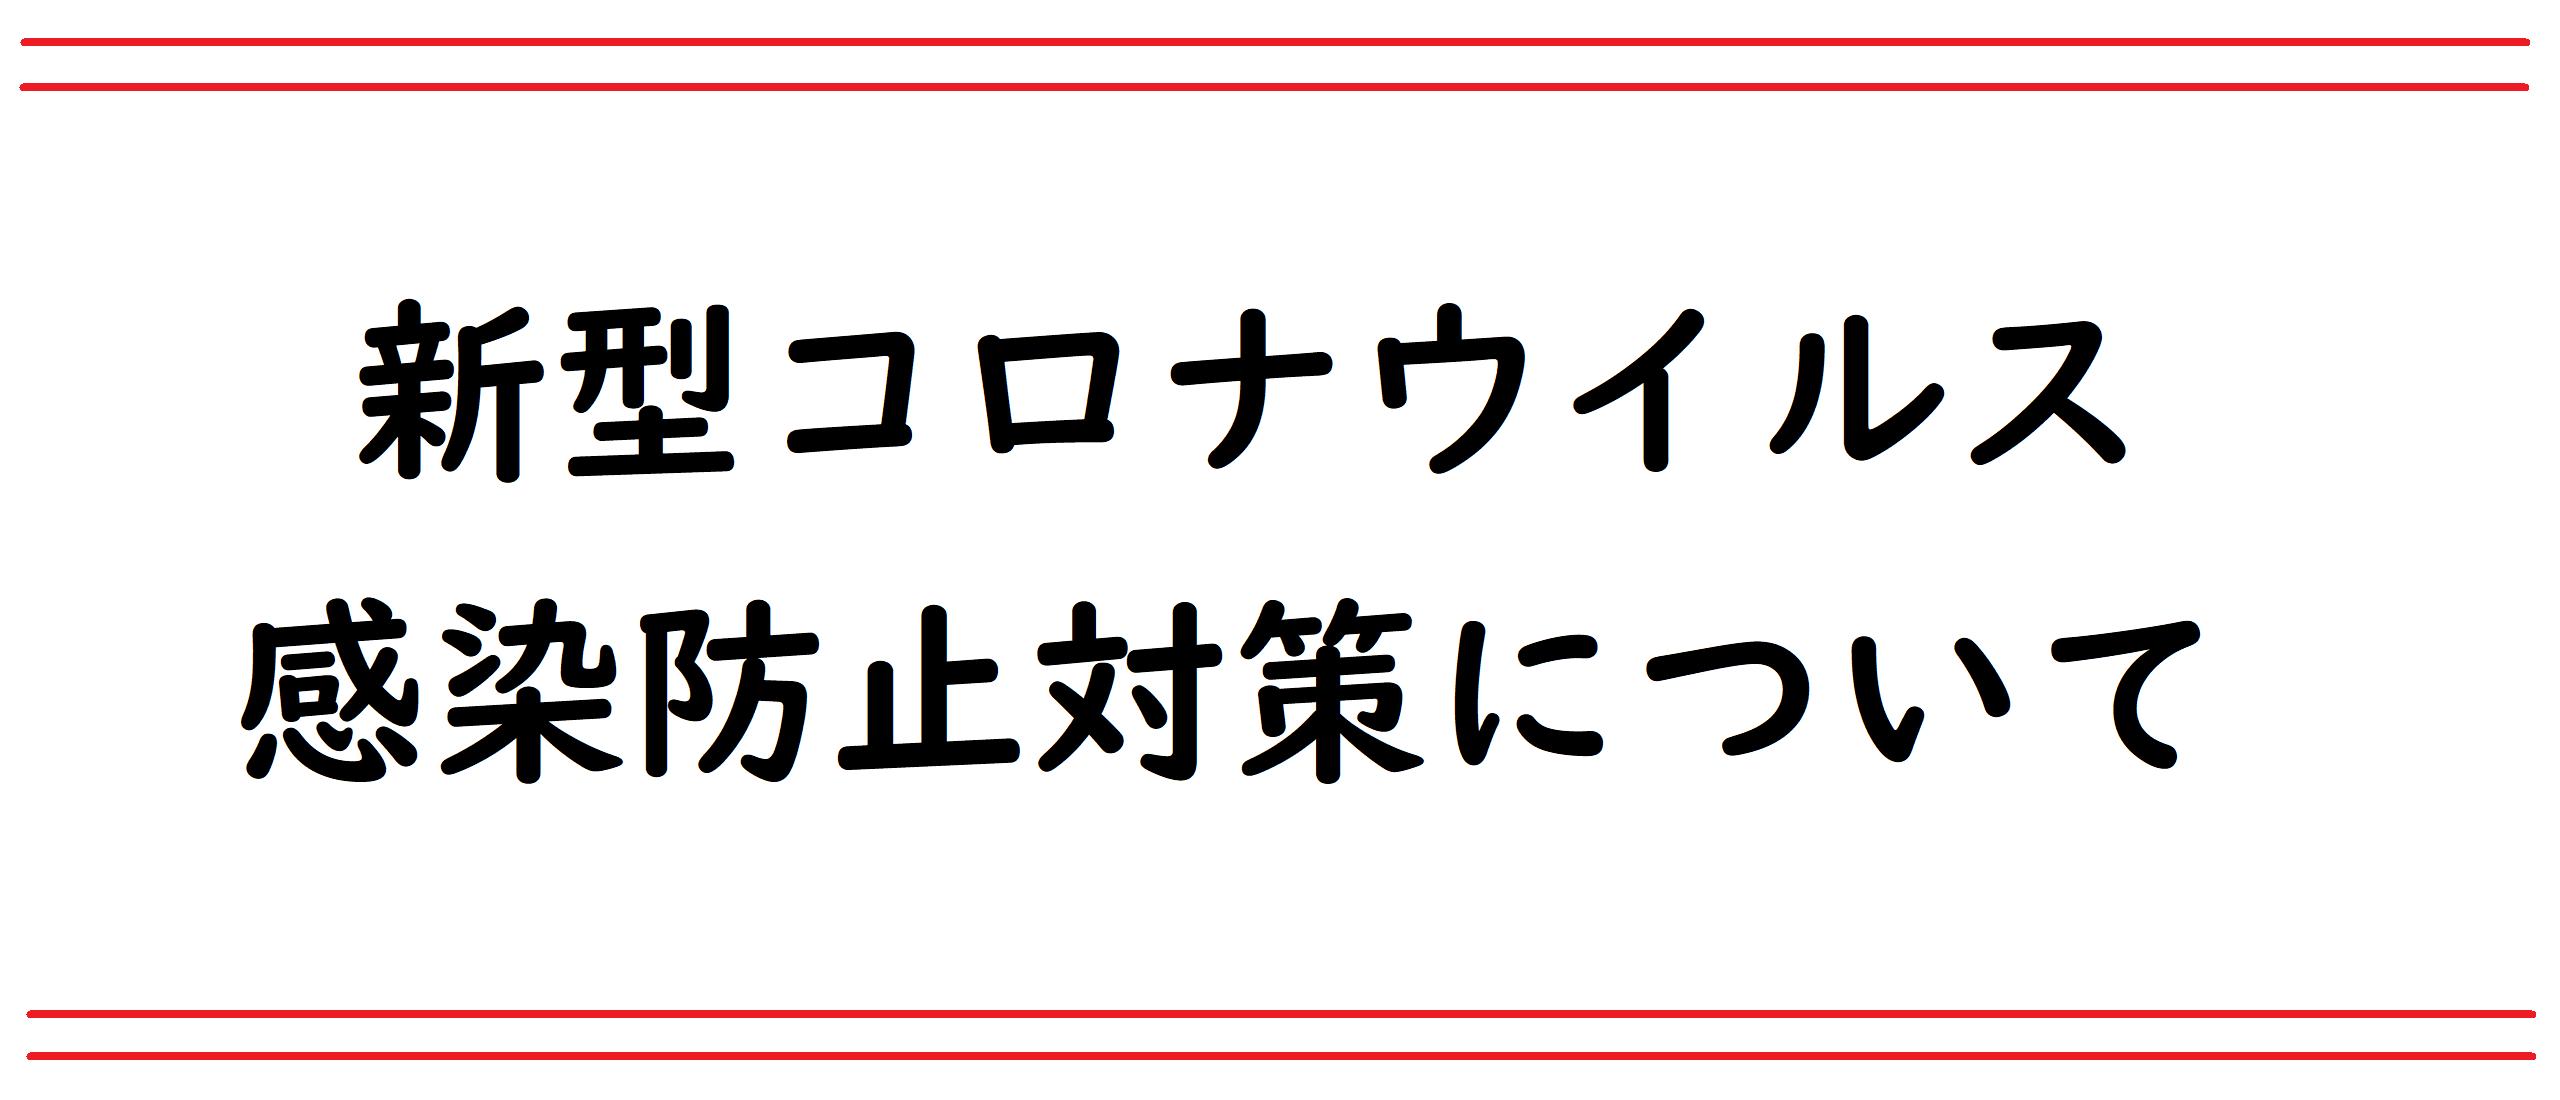 感染 富山 爆 サイ コロナ 県 者